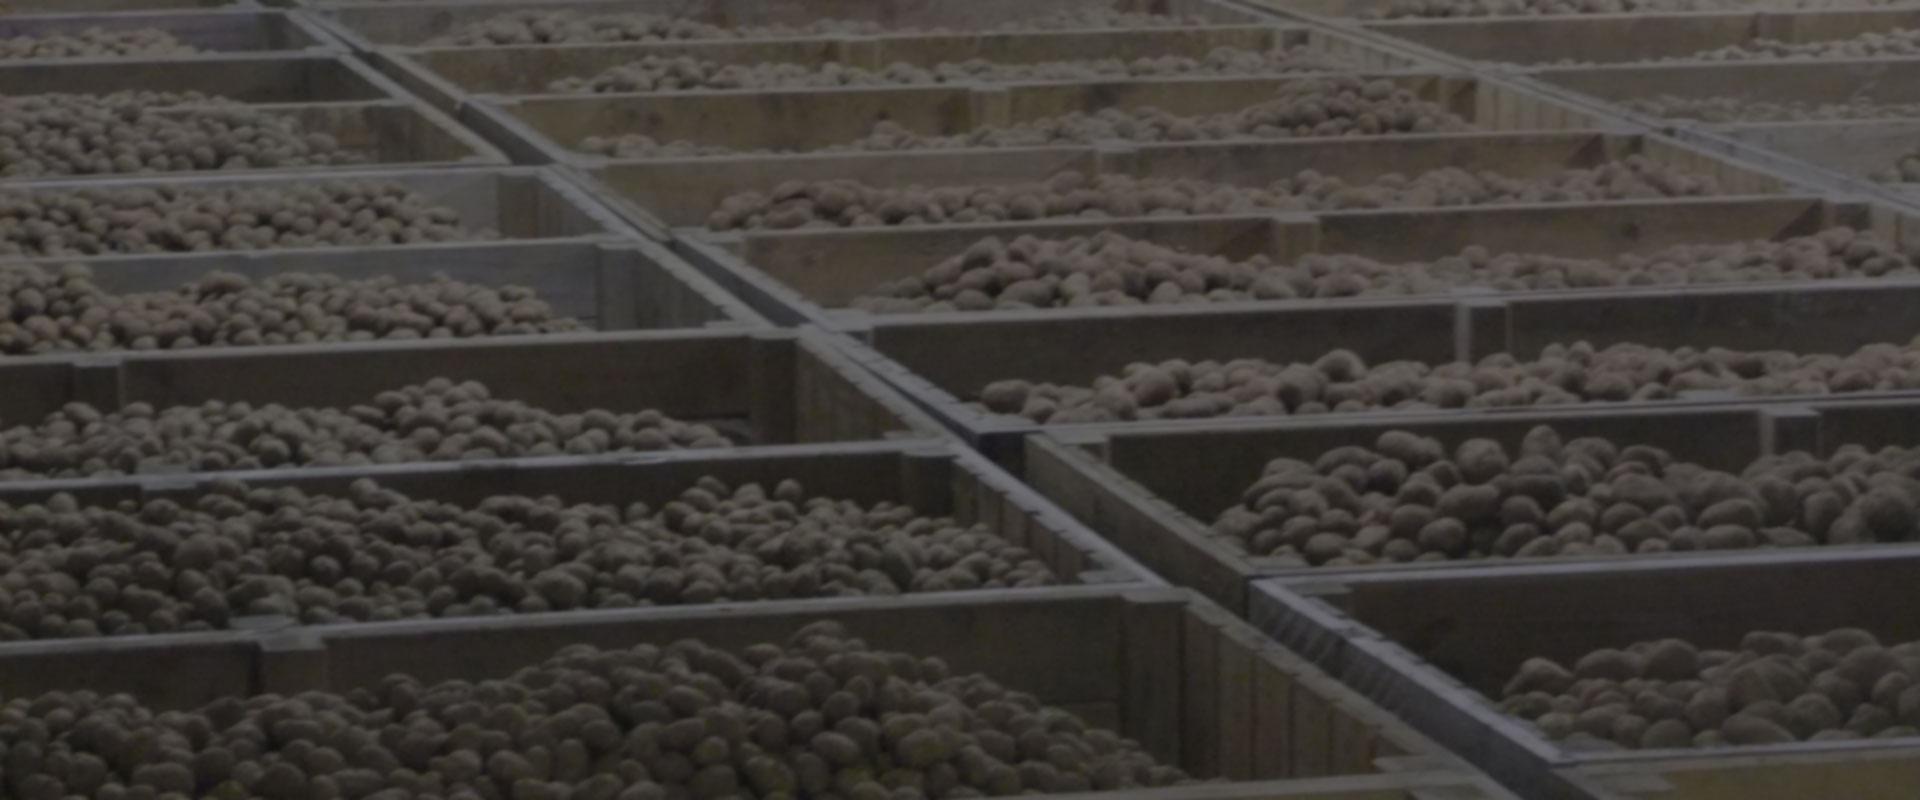 Contrats 2019 – 2020 en pommes de terre bio : production de frites, chips / croustilles et variétés pour le marché du frais – mars 2019